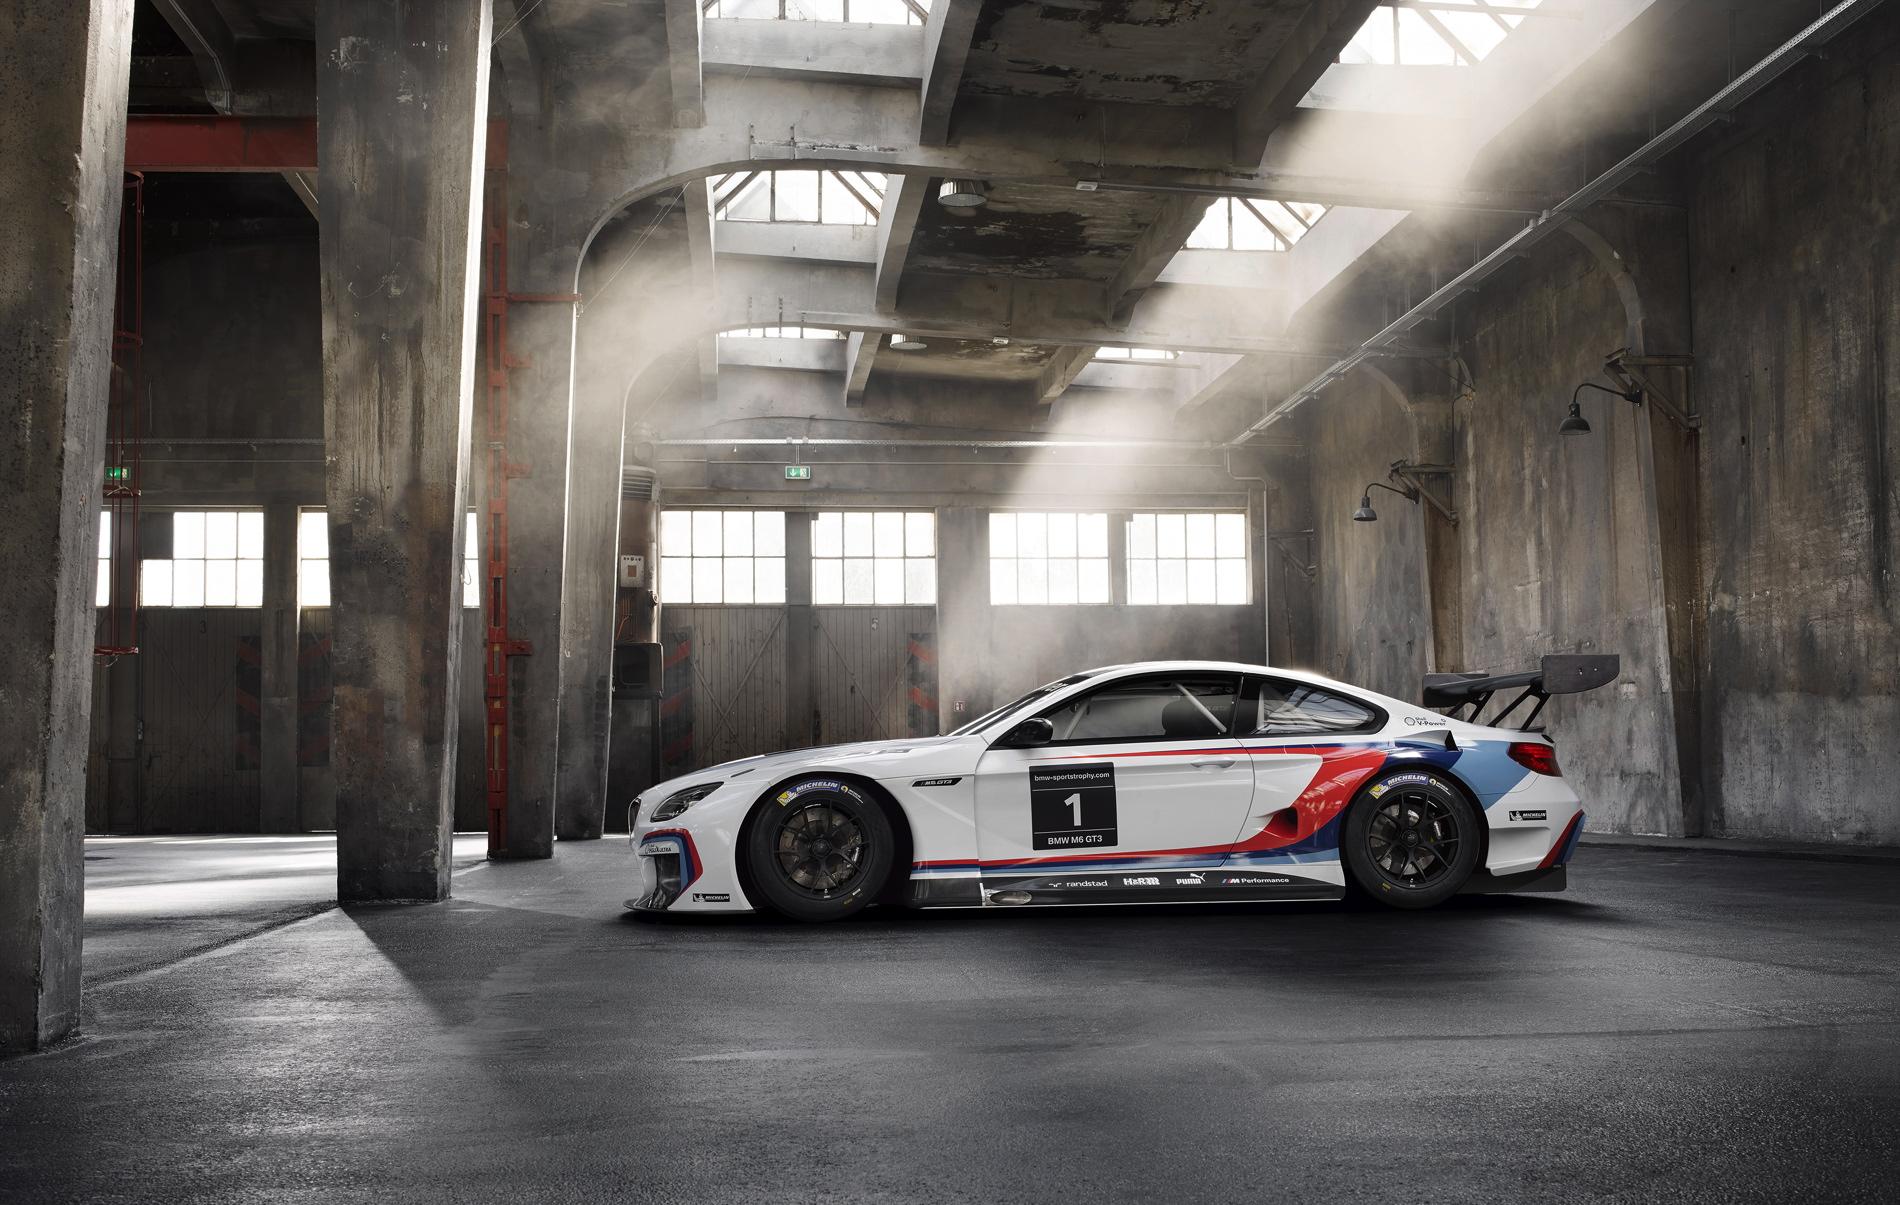 Two Car Dream Garage With A Twist